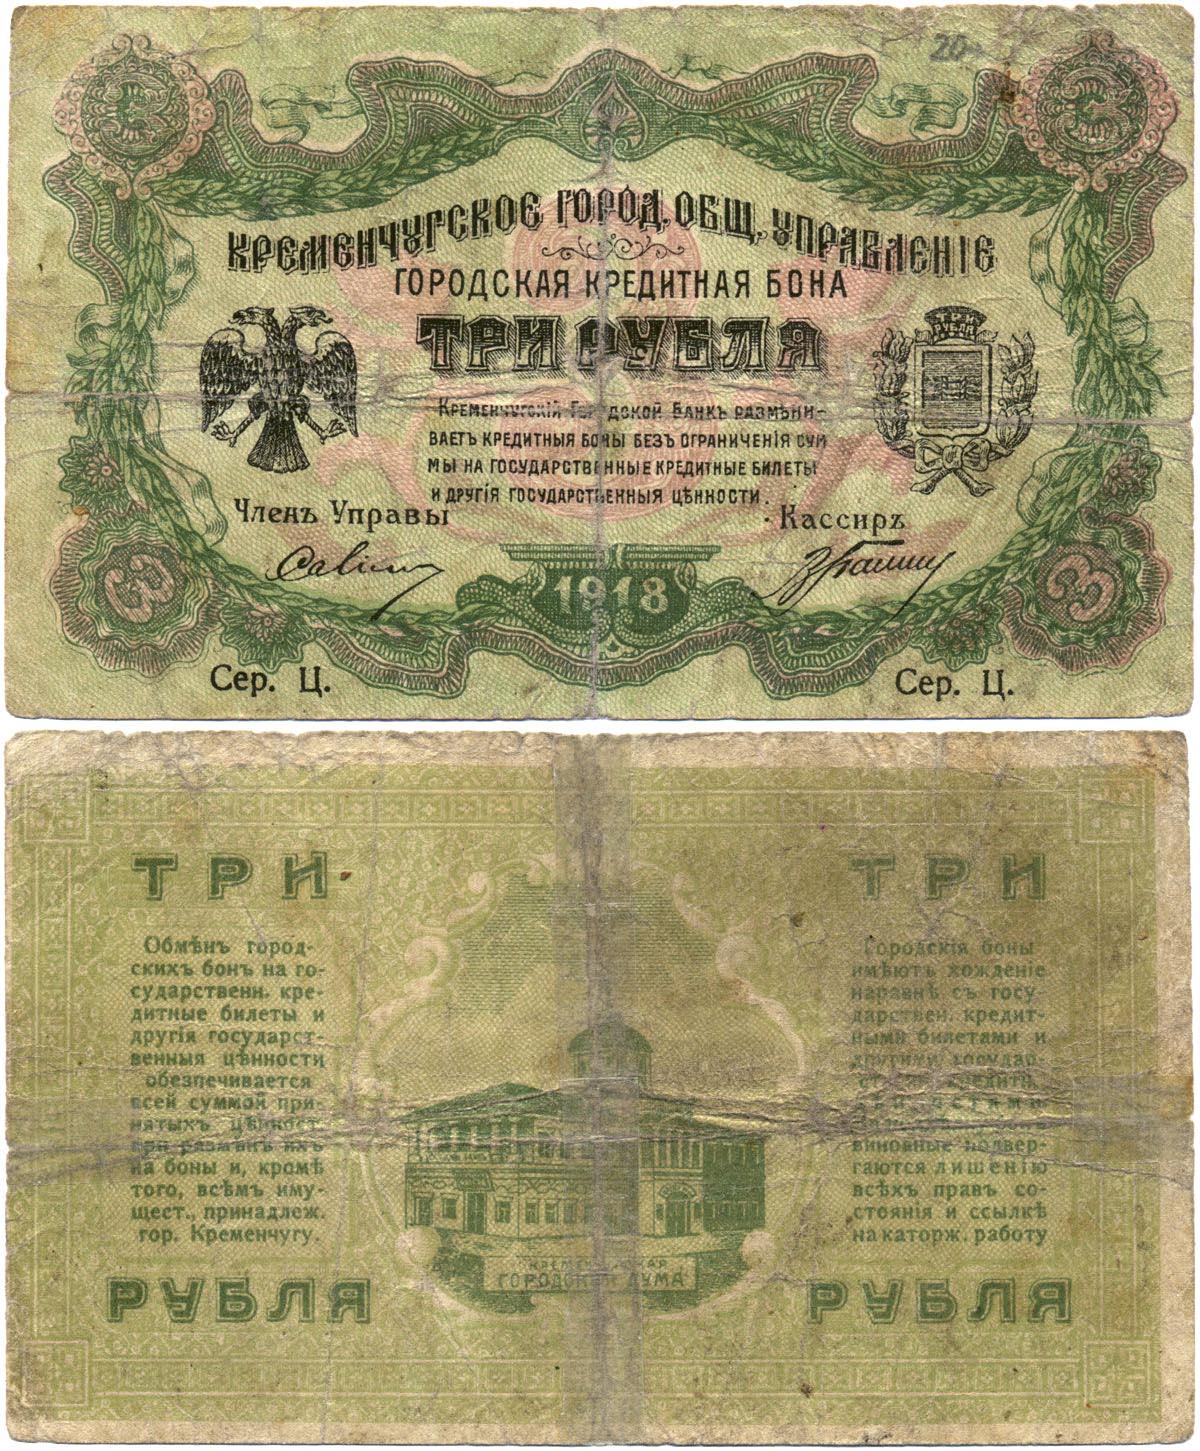 Кременчугское городское общественное управление. Городские кредитные боны. 10 рублей 1919 года.jpg